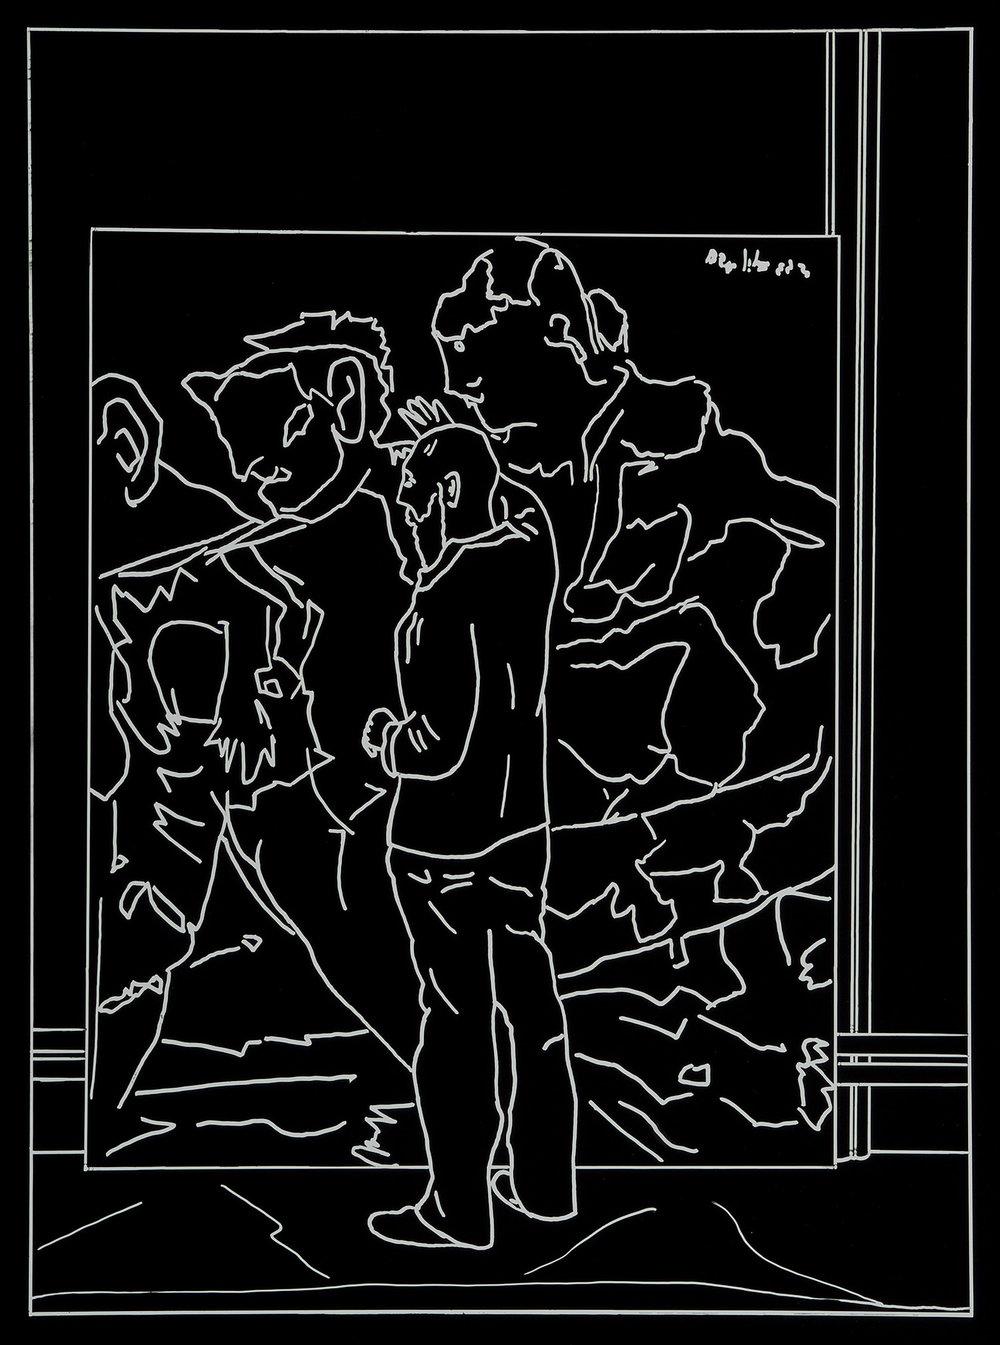 Der Besuch (10) | 1993 | Fotografie | 46,5 x 35,5 cm